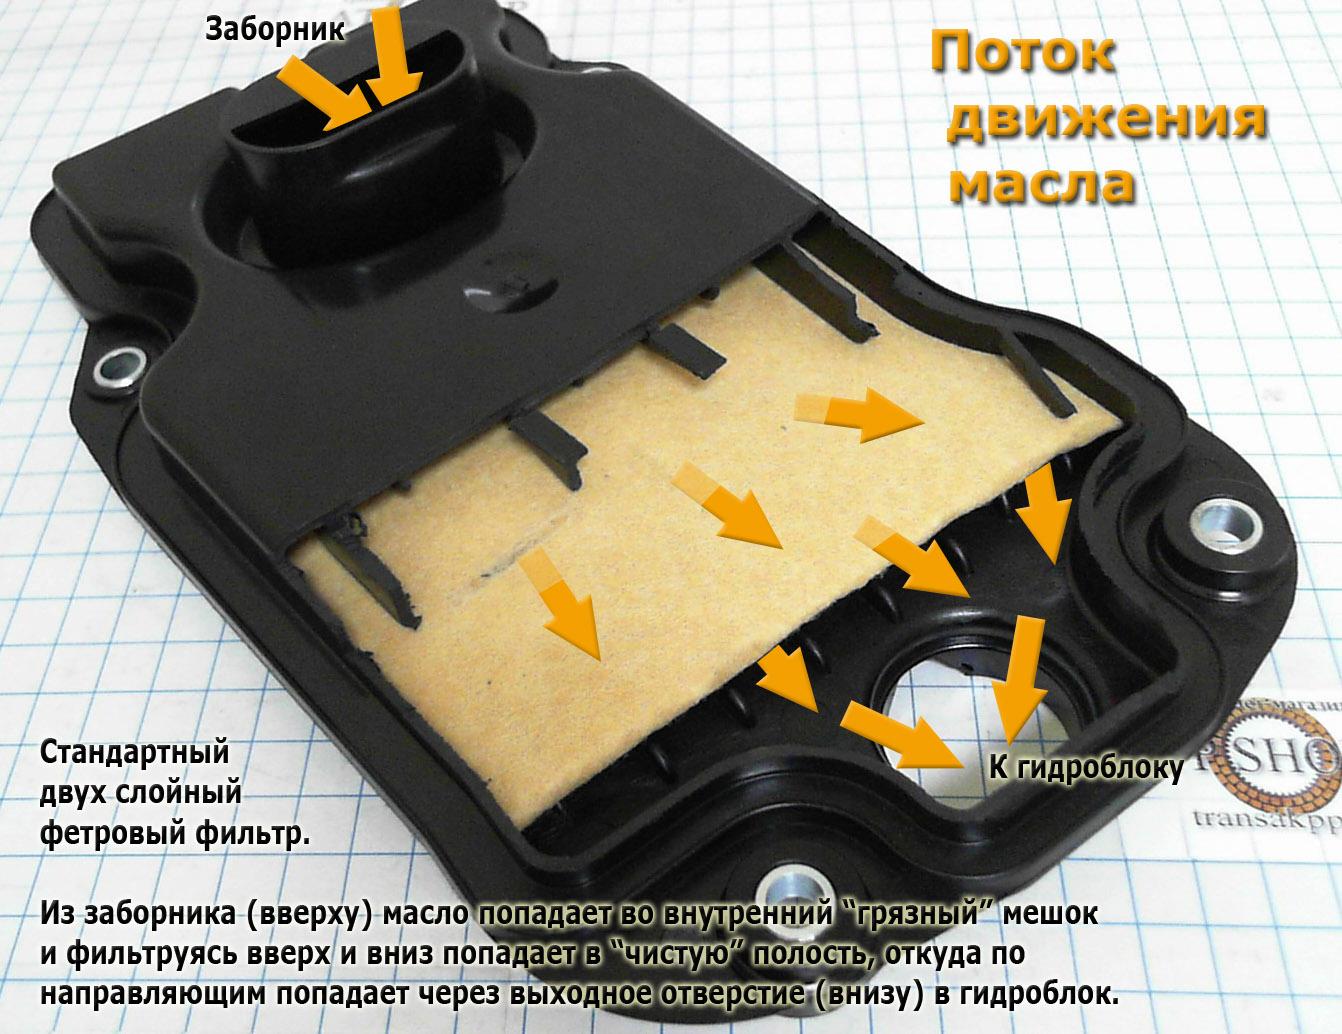 фильтр АКПП А960 Айсин в разрезе